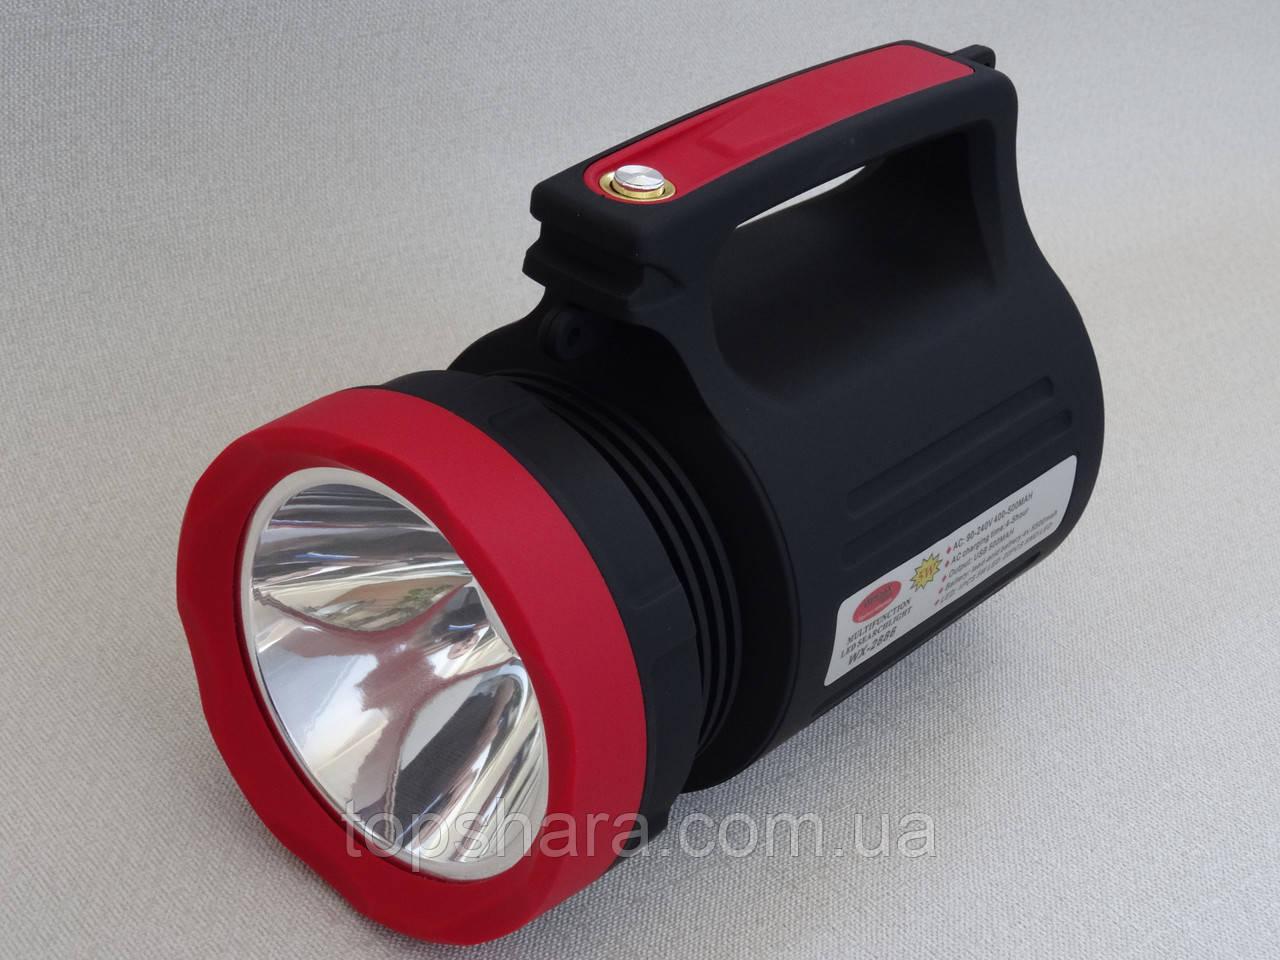 Фонарь ручной светодиодный Wimpex WX-2886 5W + 22 LED